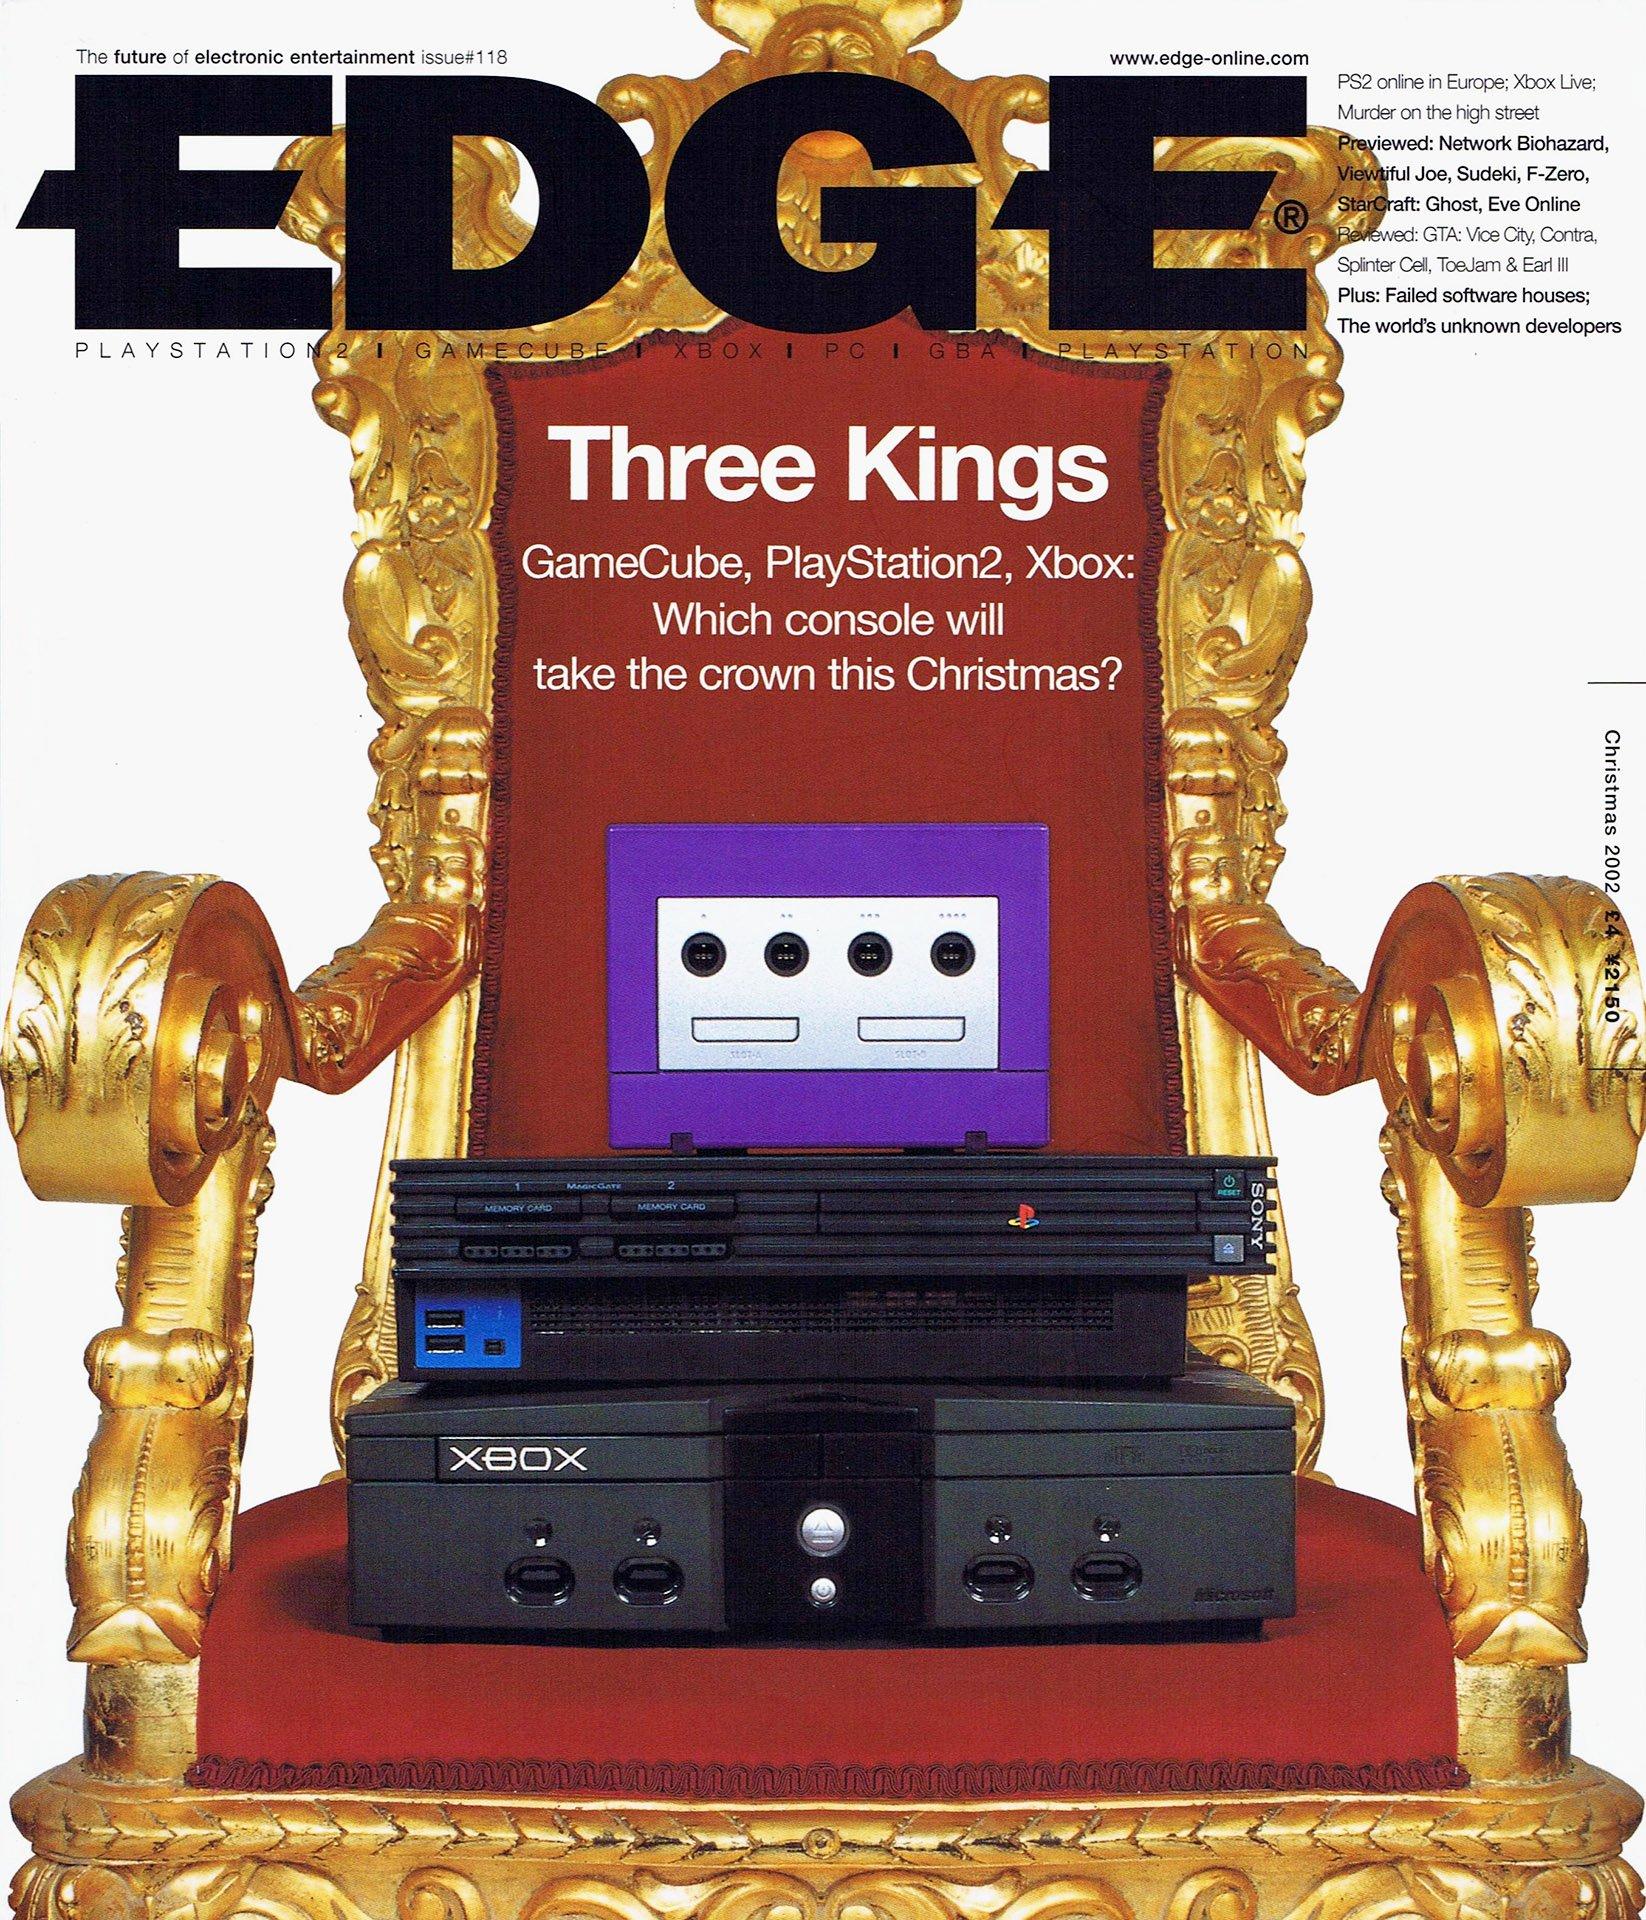 Edge 118 (Christmas 2002)